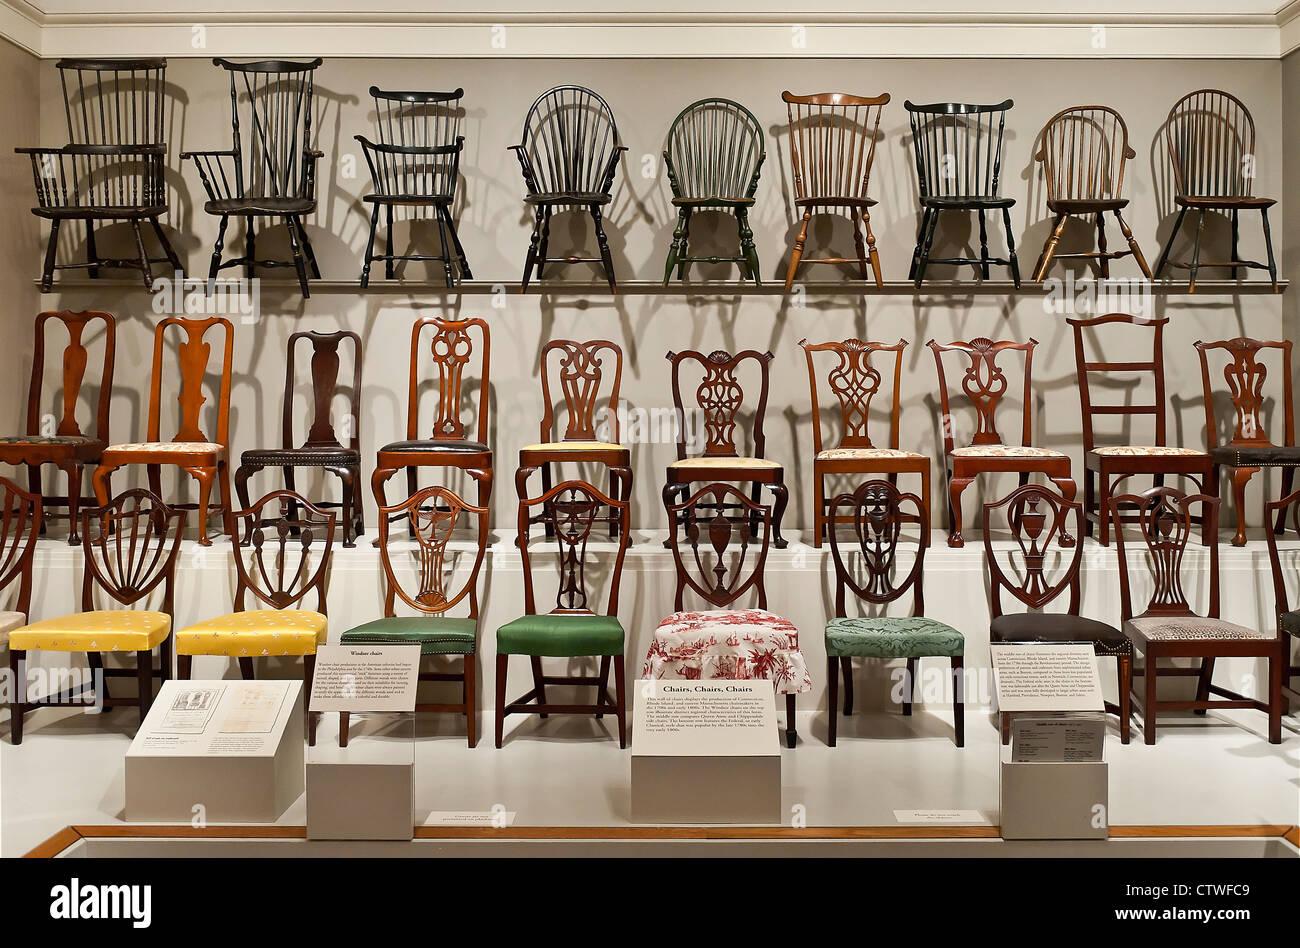 Sedia per mostre, winterthur museo di arti decorative e giardini, Delaware, Stati Uniti d'America Immagini Stock